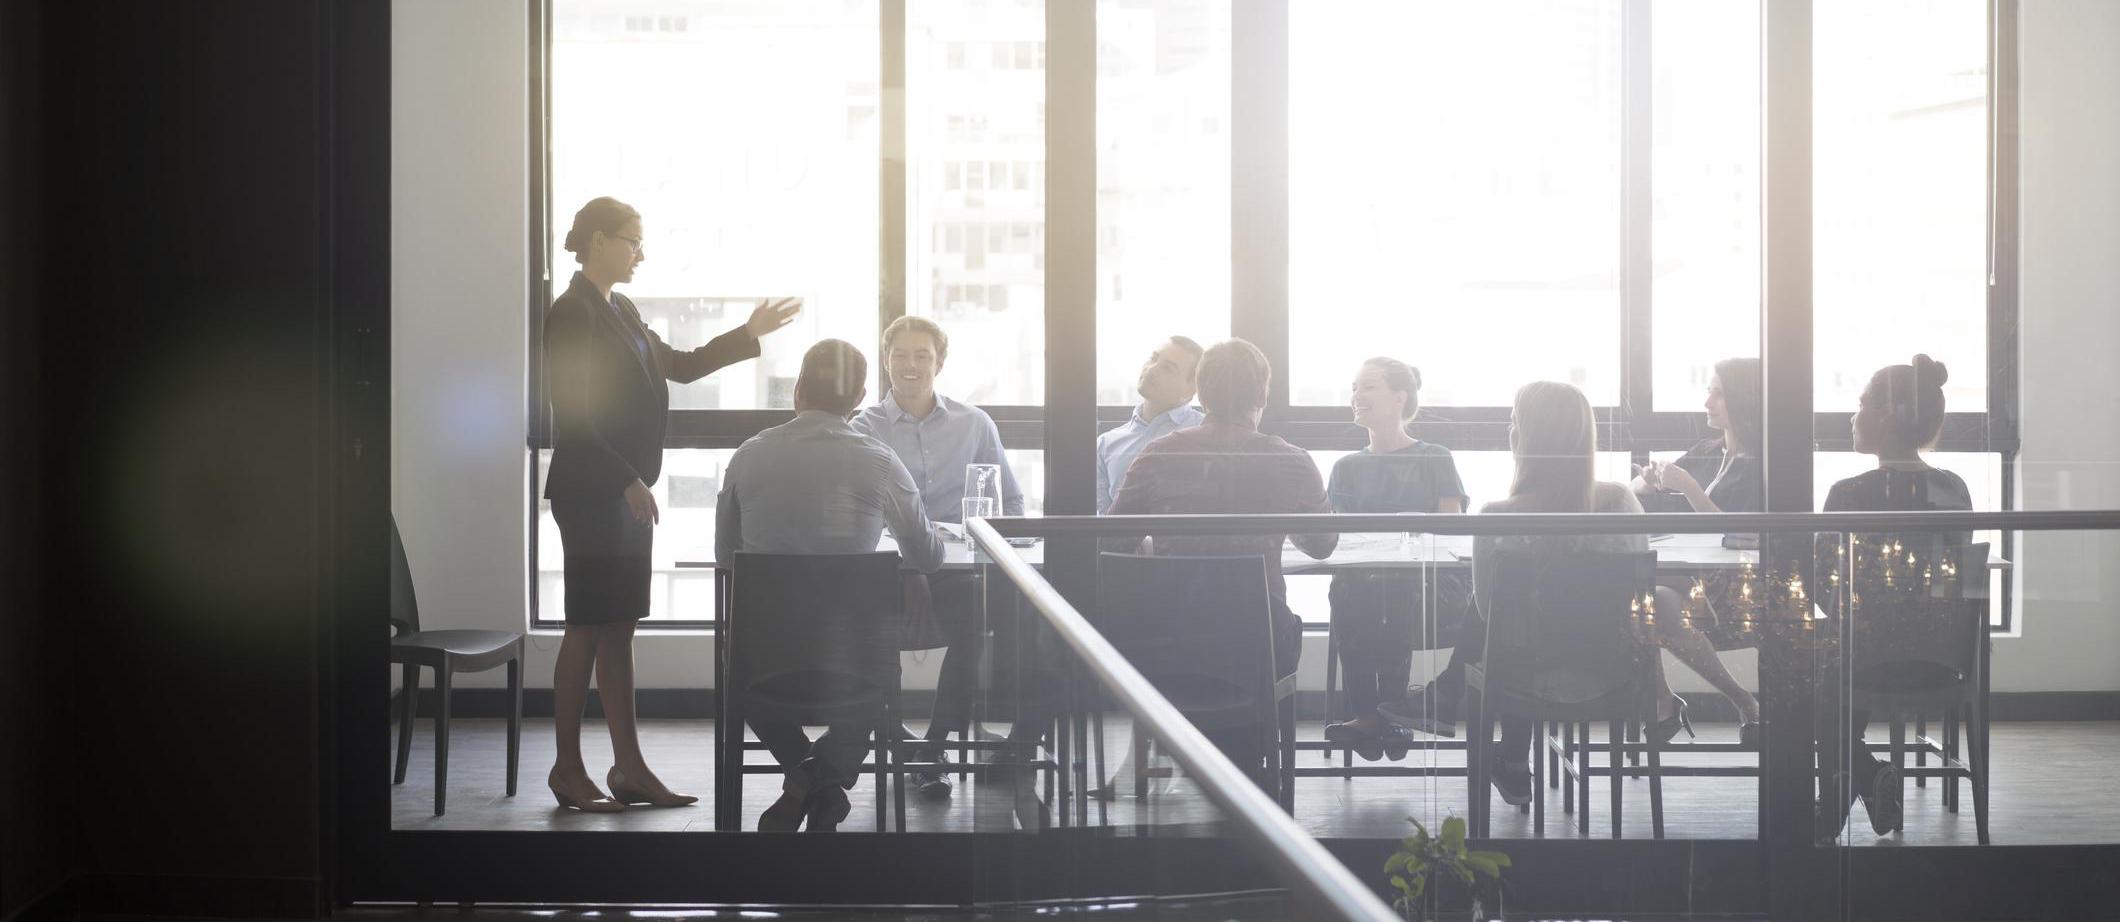 Soddisfare i bisogni della propria clientela in modo efficace attraverso gli investimenti giusti ed una strategia chiara